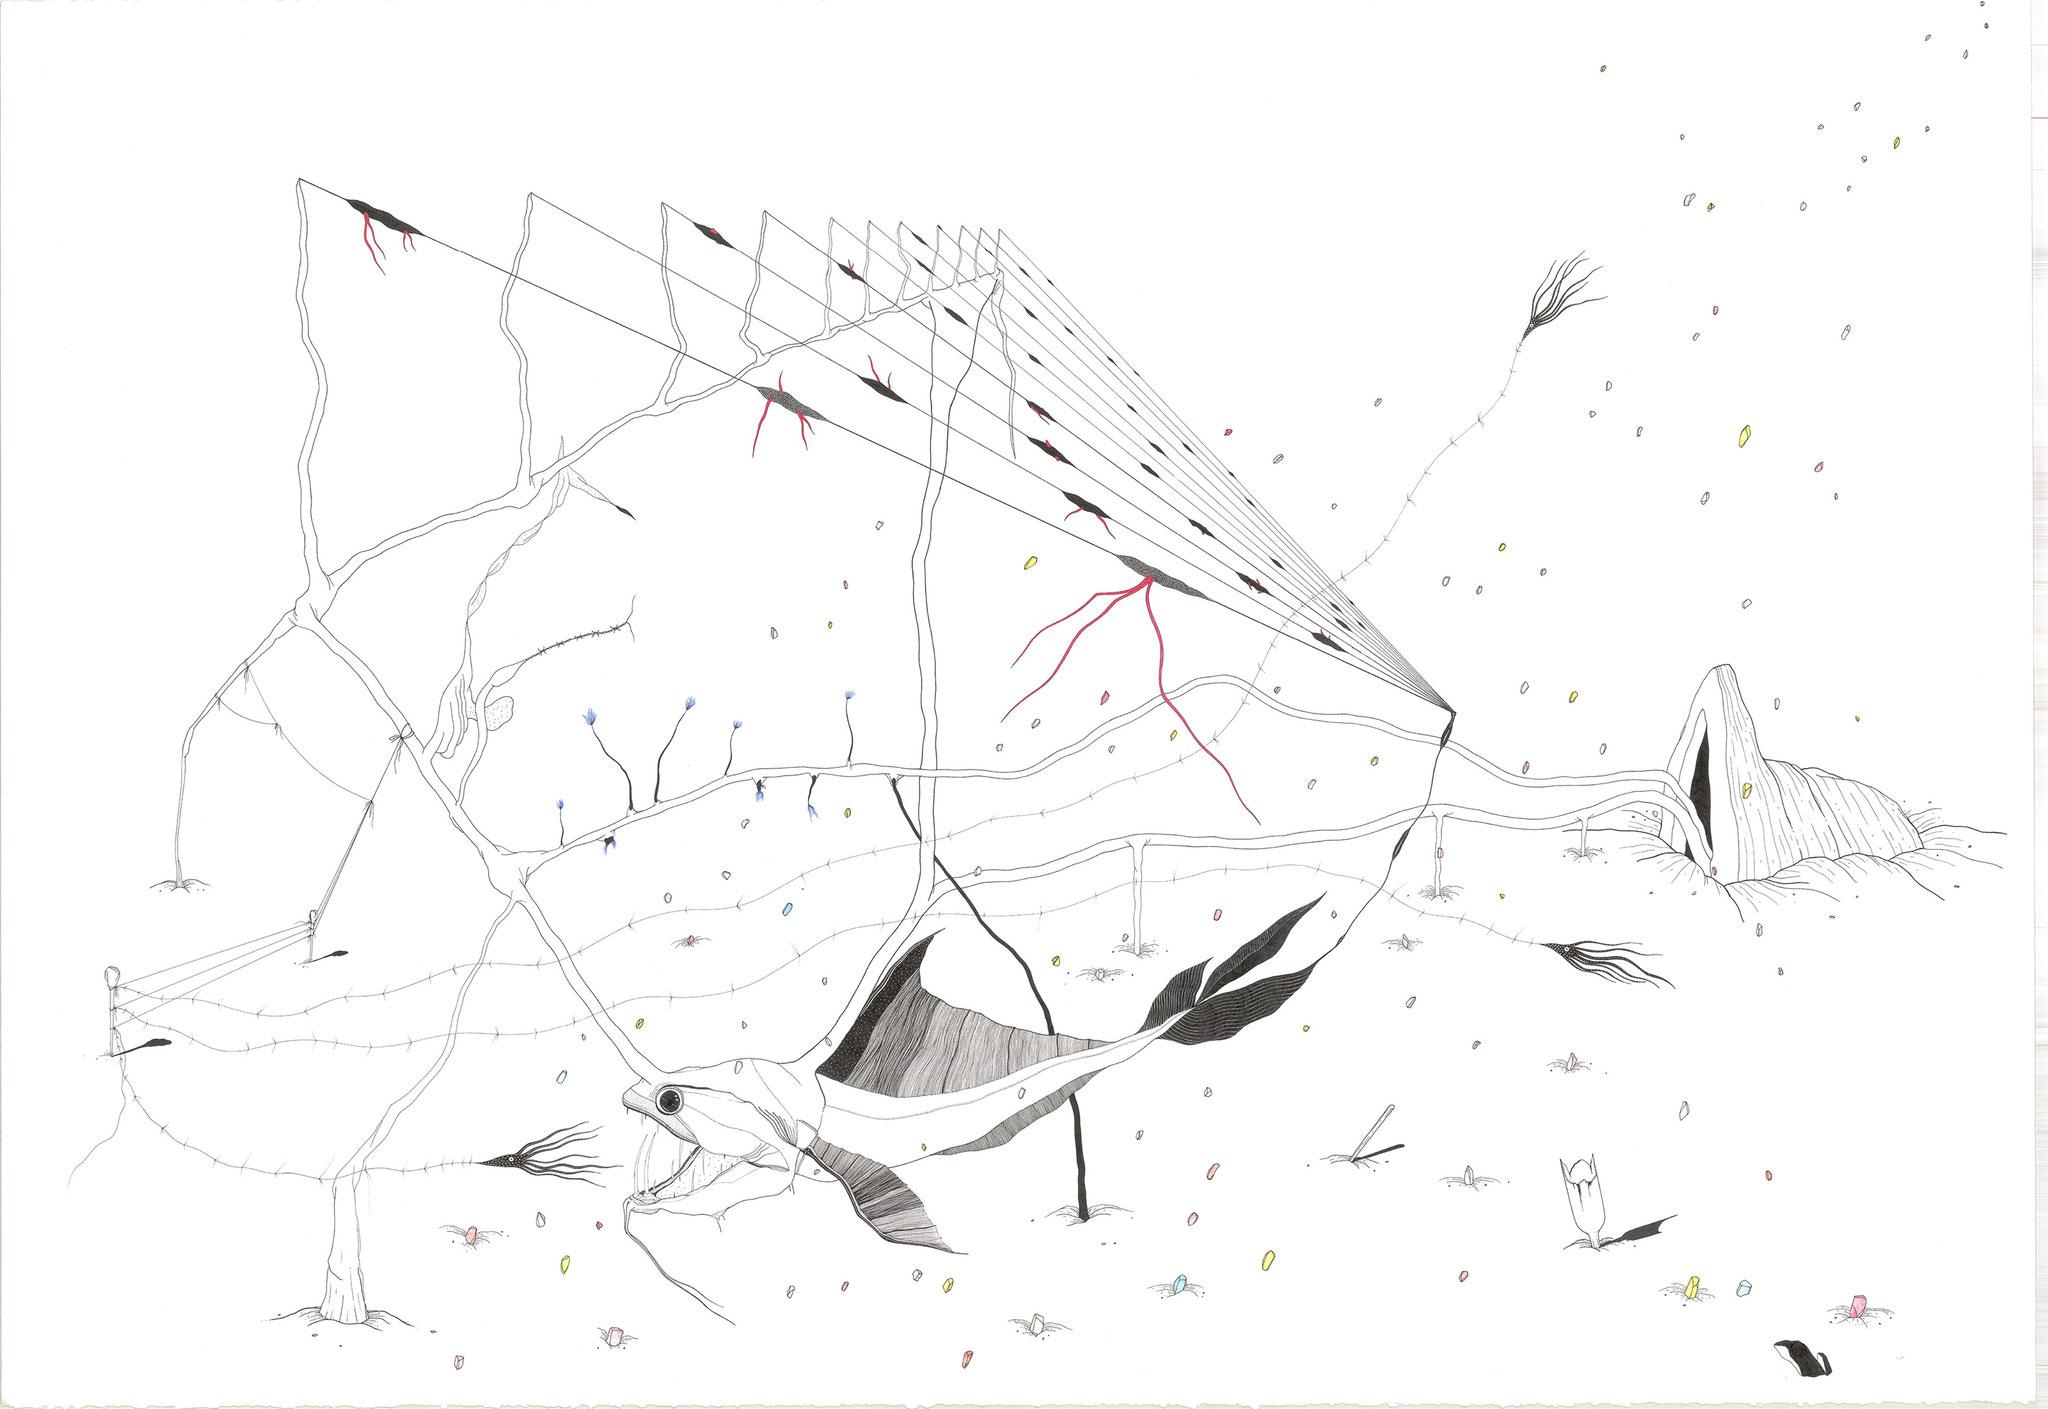 Mare (Neige Marine), 2018. Plume et encre, rotring sur papier, aquarelle, 73 x 110 cm